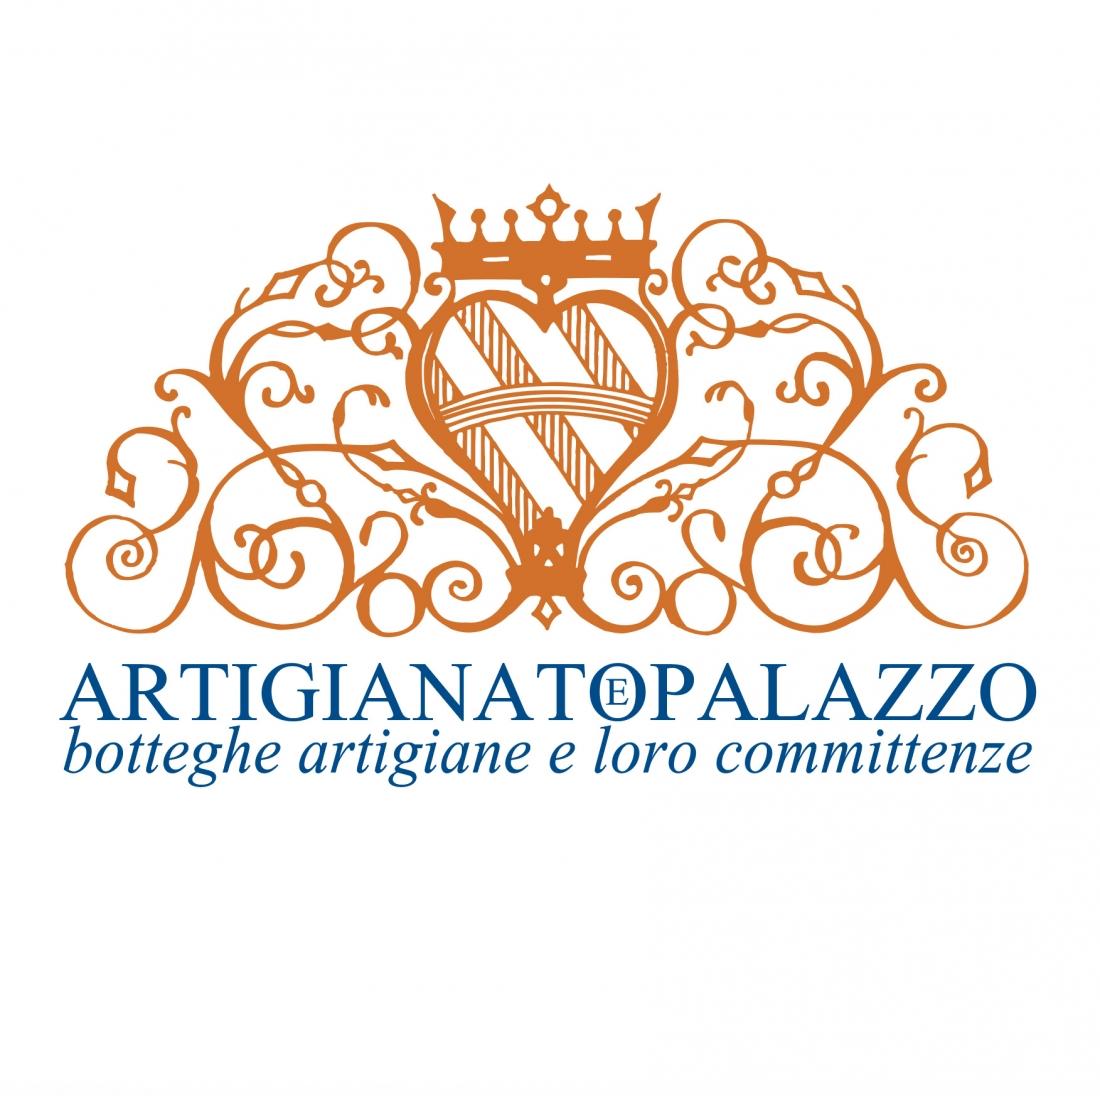 ARTIGIANATO E PALAZZO 2021